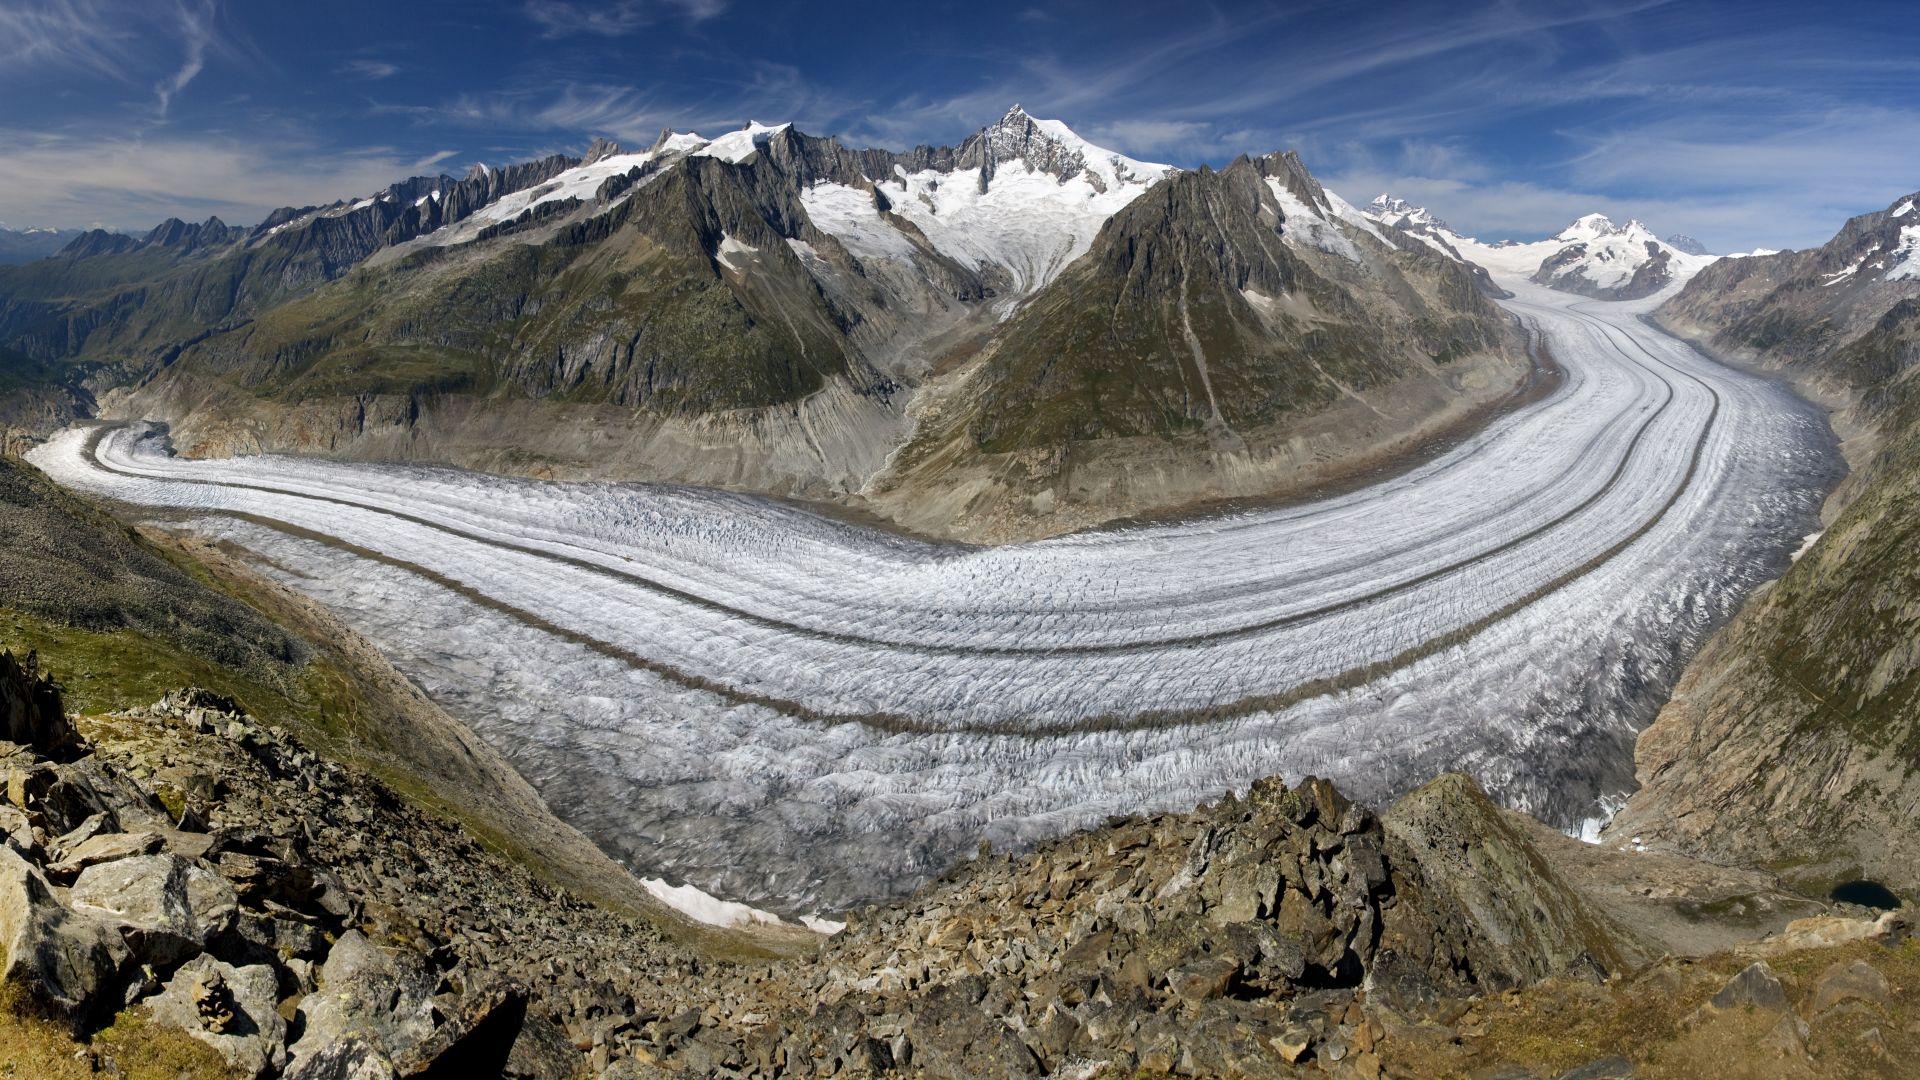 Бяло платно отново предпазва ледника Презена  от слънчевата светлина